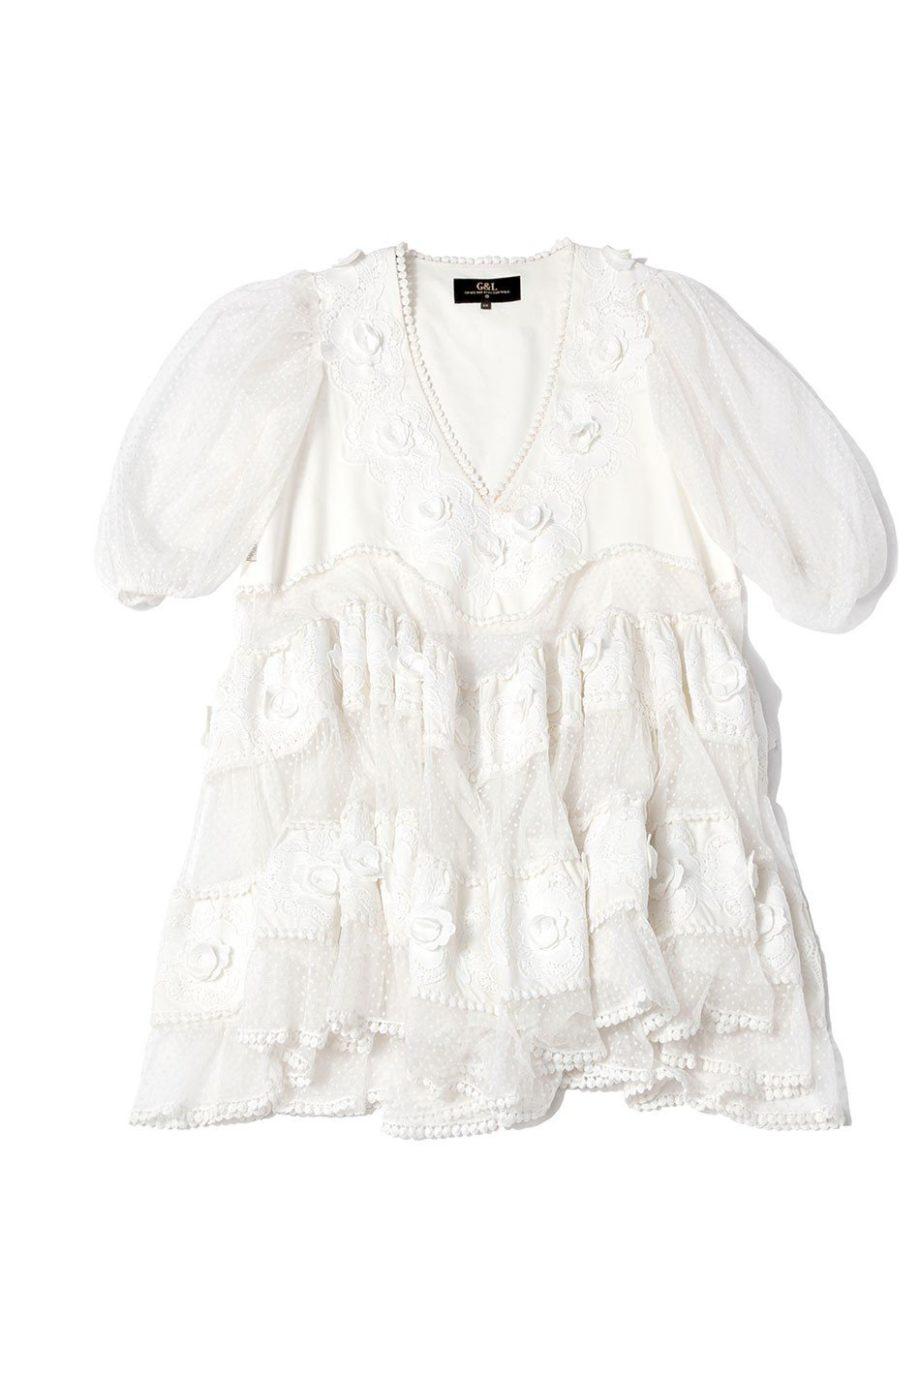 PLUMETTI DRESS